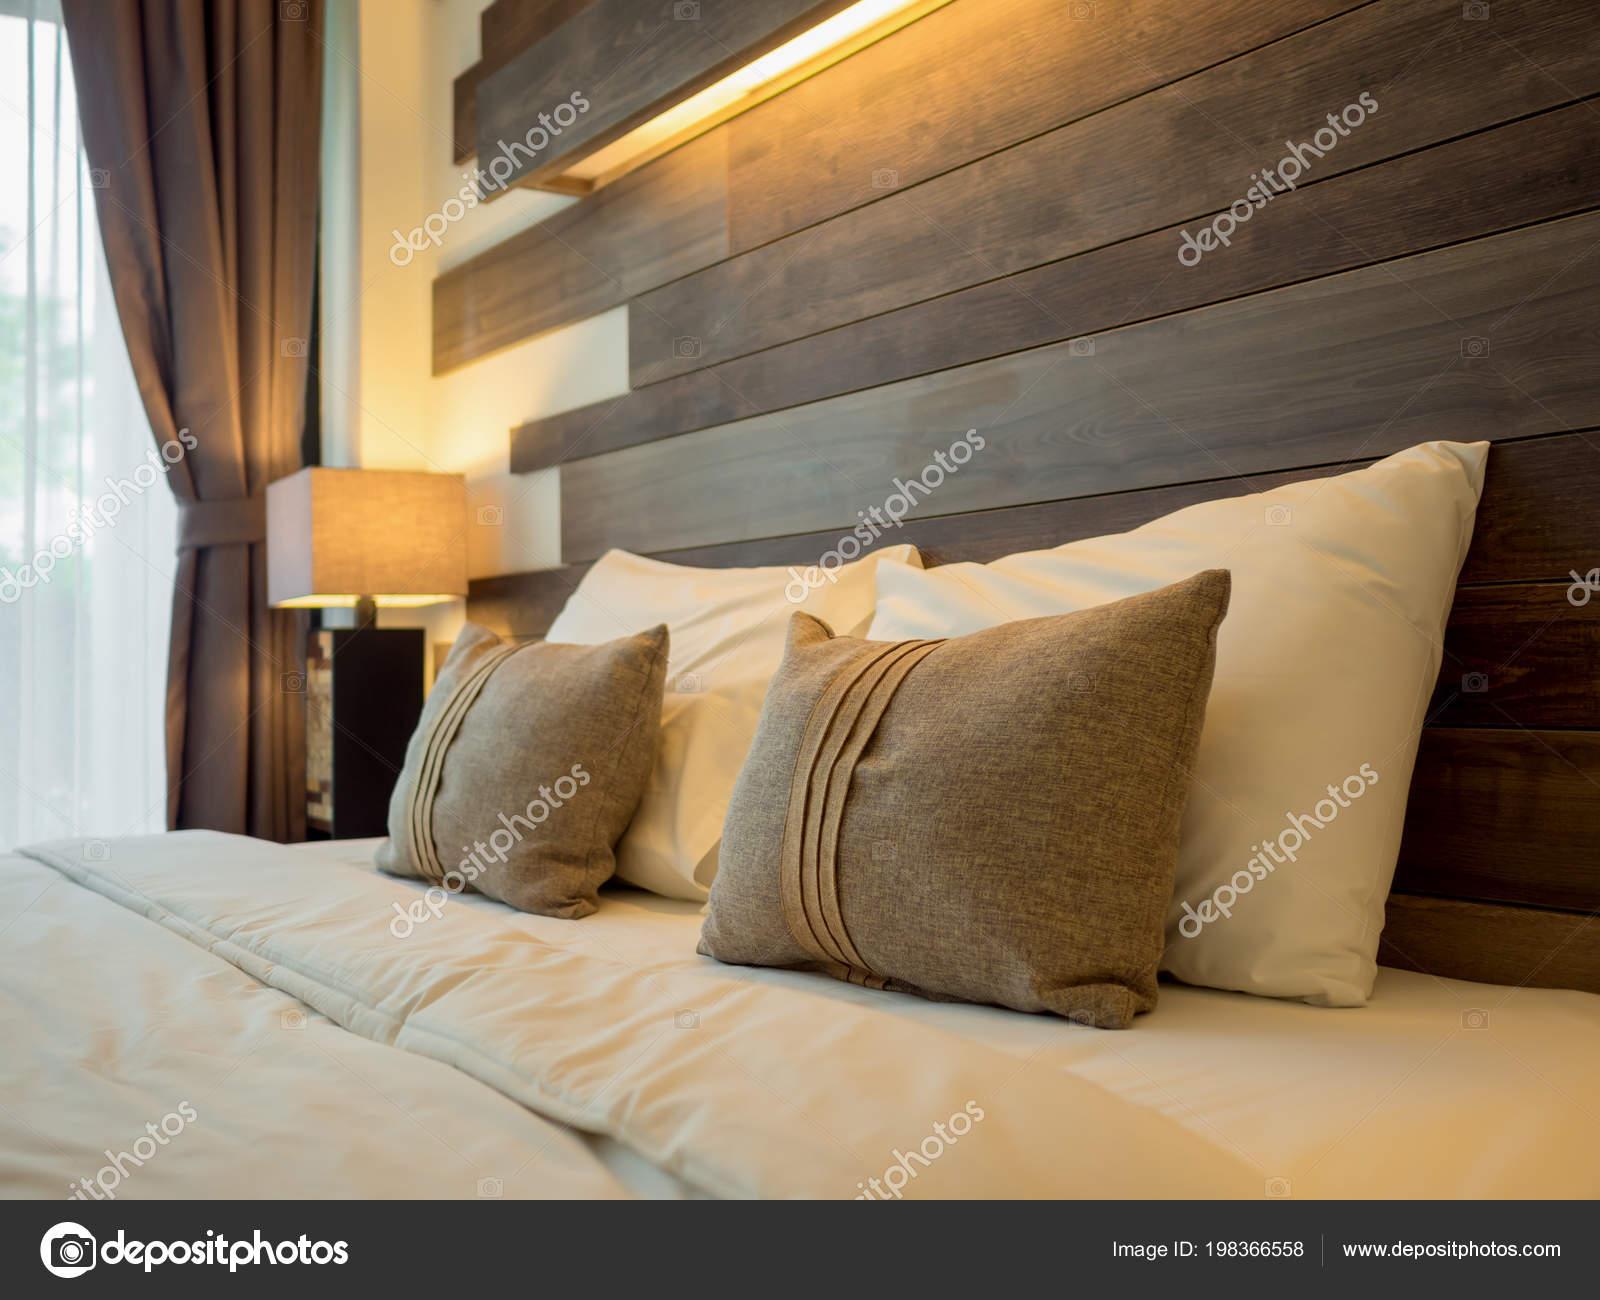 Lampadario Camera Da Letto Matrimoniale : Letto matrimoniale vuoto lampada sul lato del letto camera letto